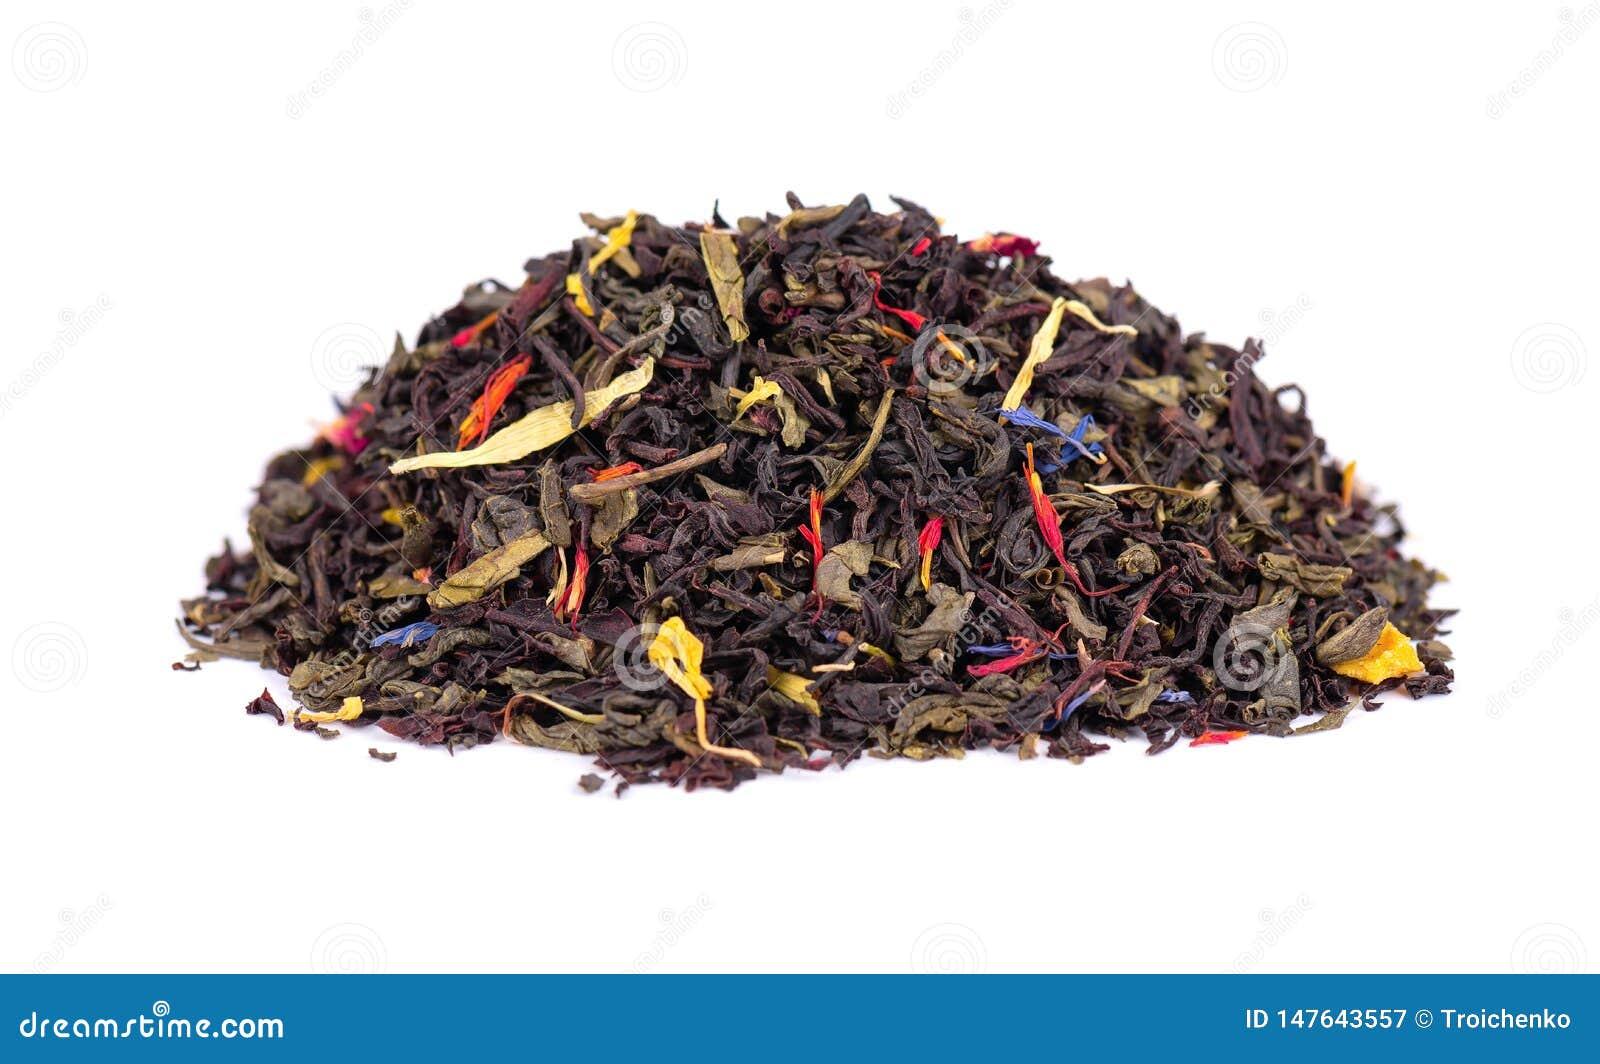 与干燥花-金盏草、玫瑰和矢车菊瓣的黑和绿色锡兰茶,隔绝在白色背景 ??